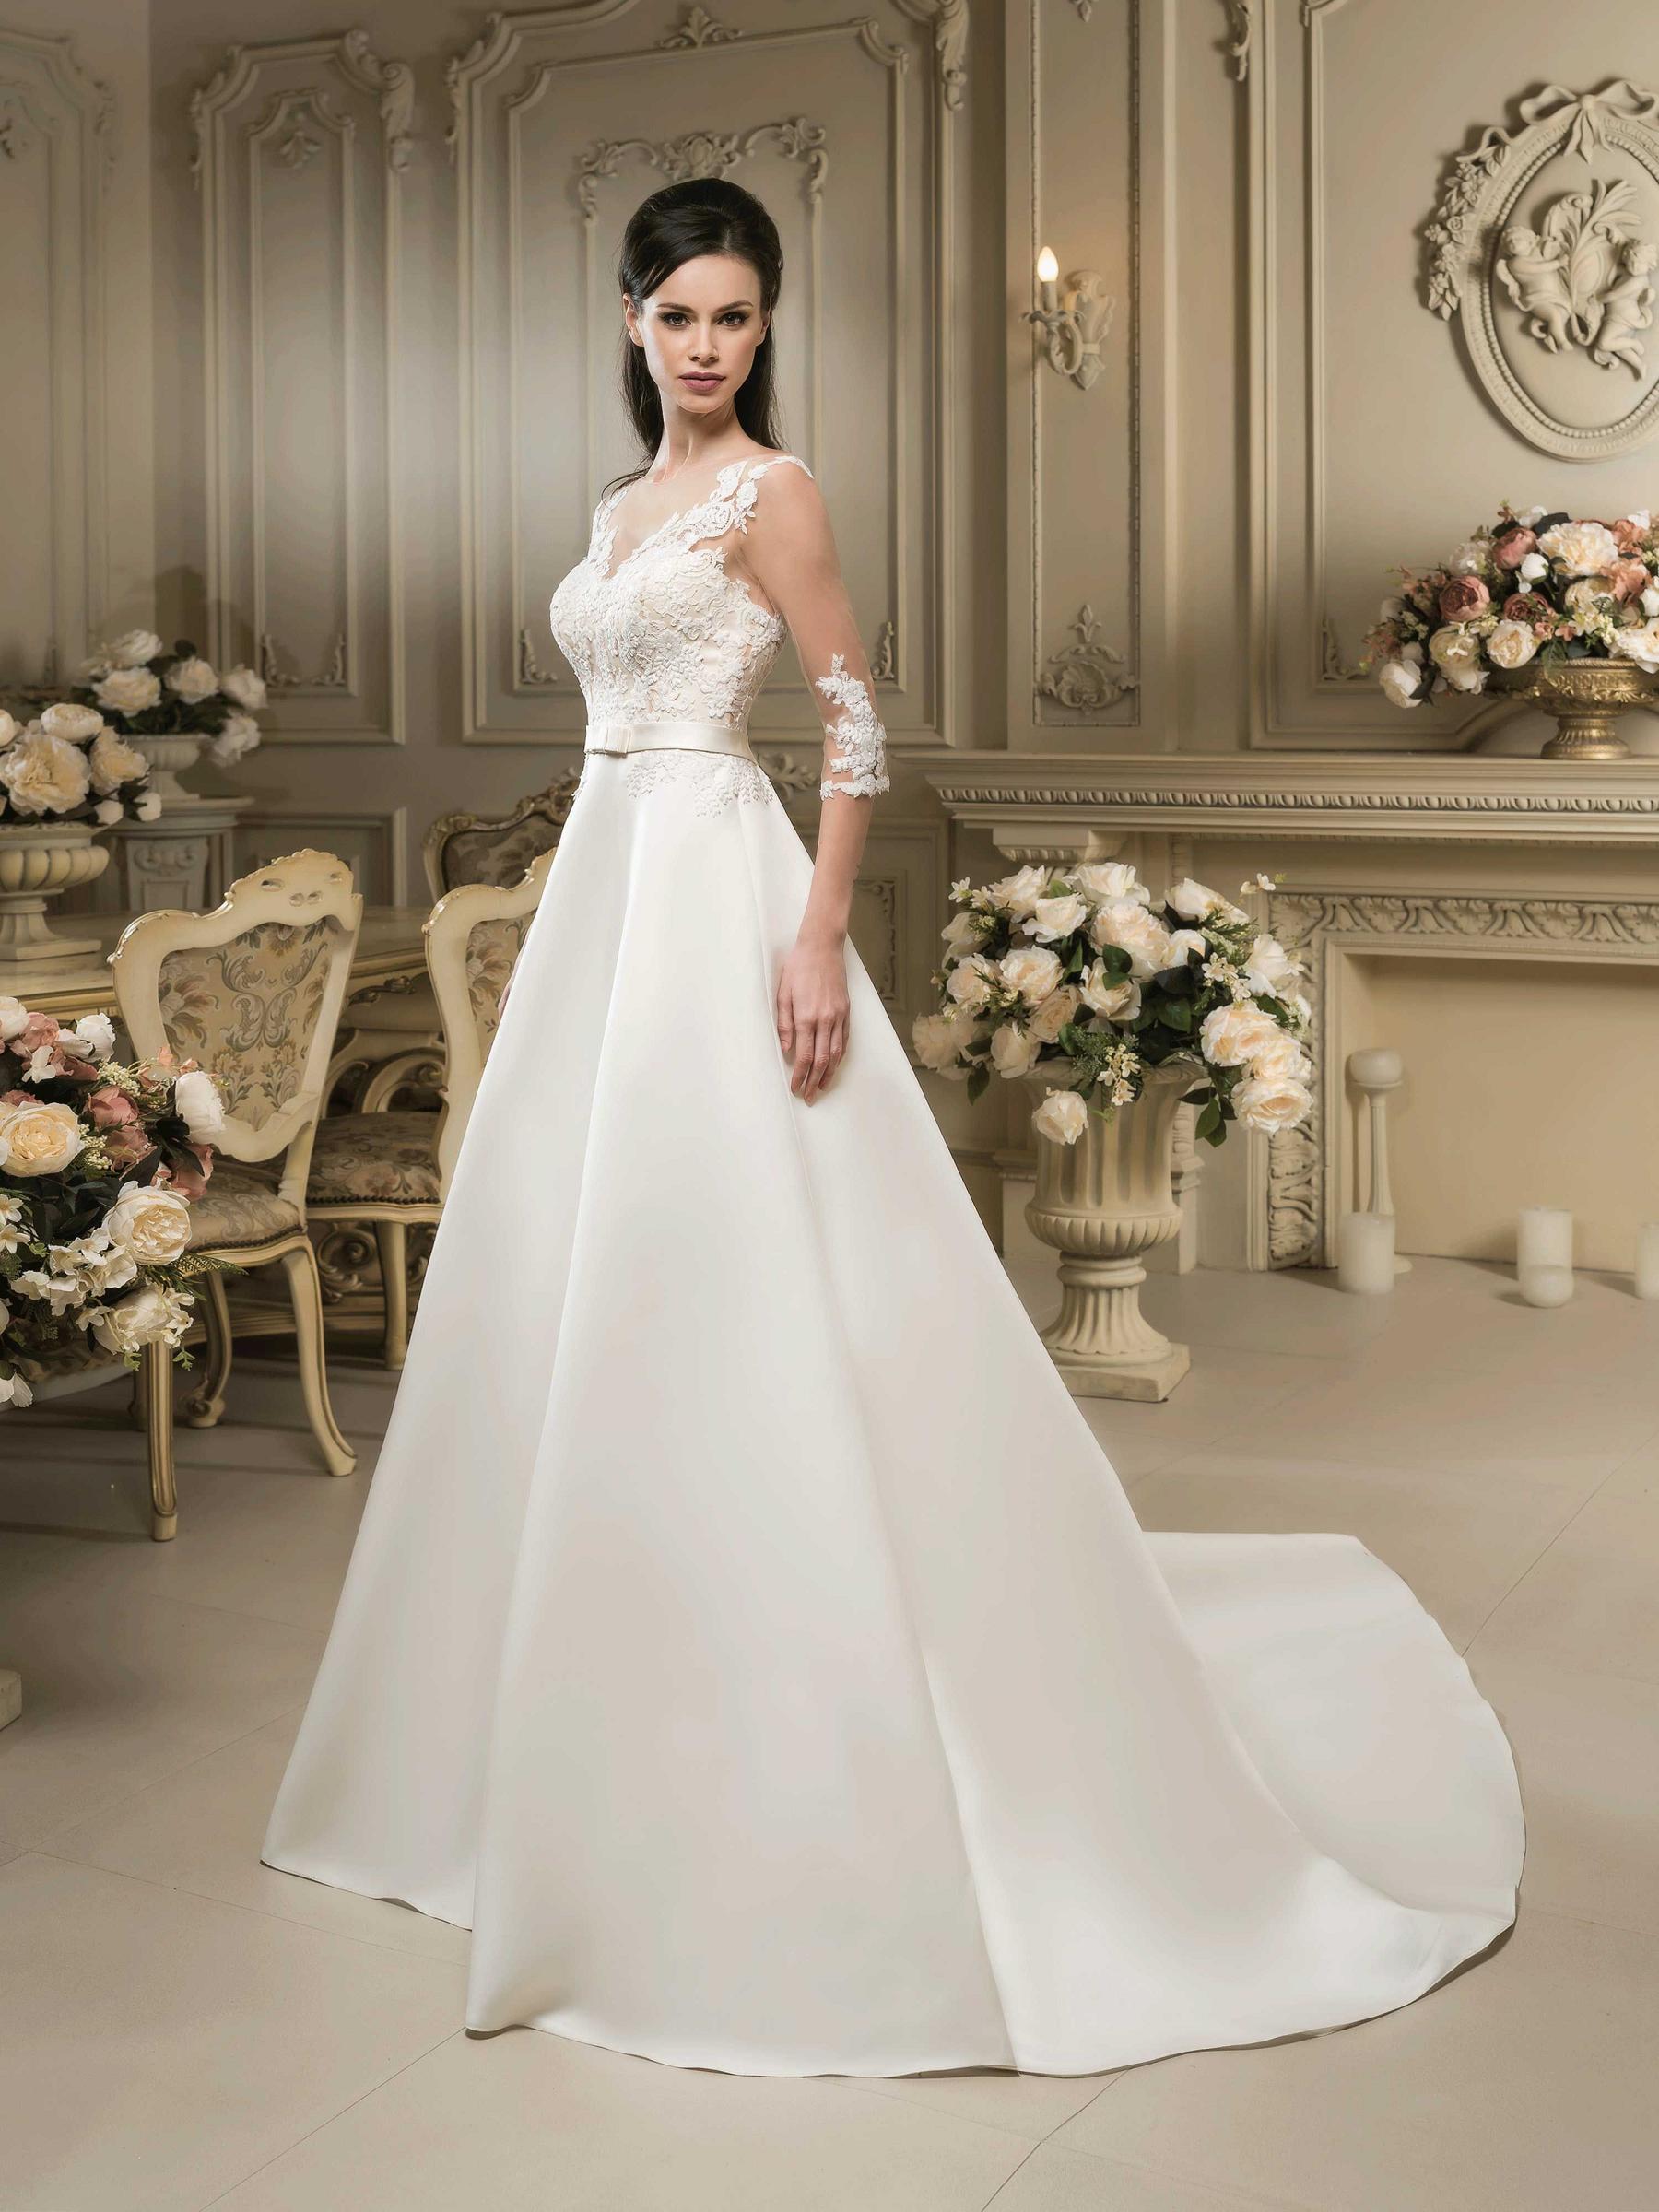 bcae17aa18e4 Krásne svadobné šaty so saténovou sukňou s dlhou vlečkou a čipkovaným vrškom